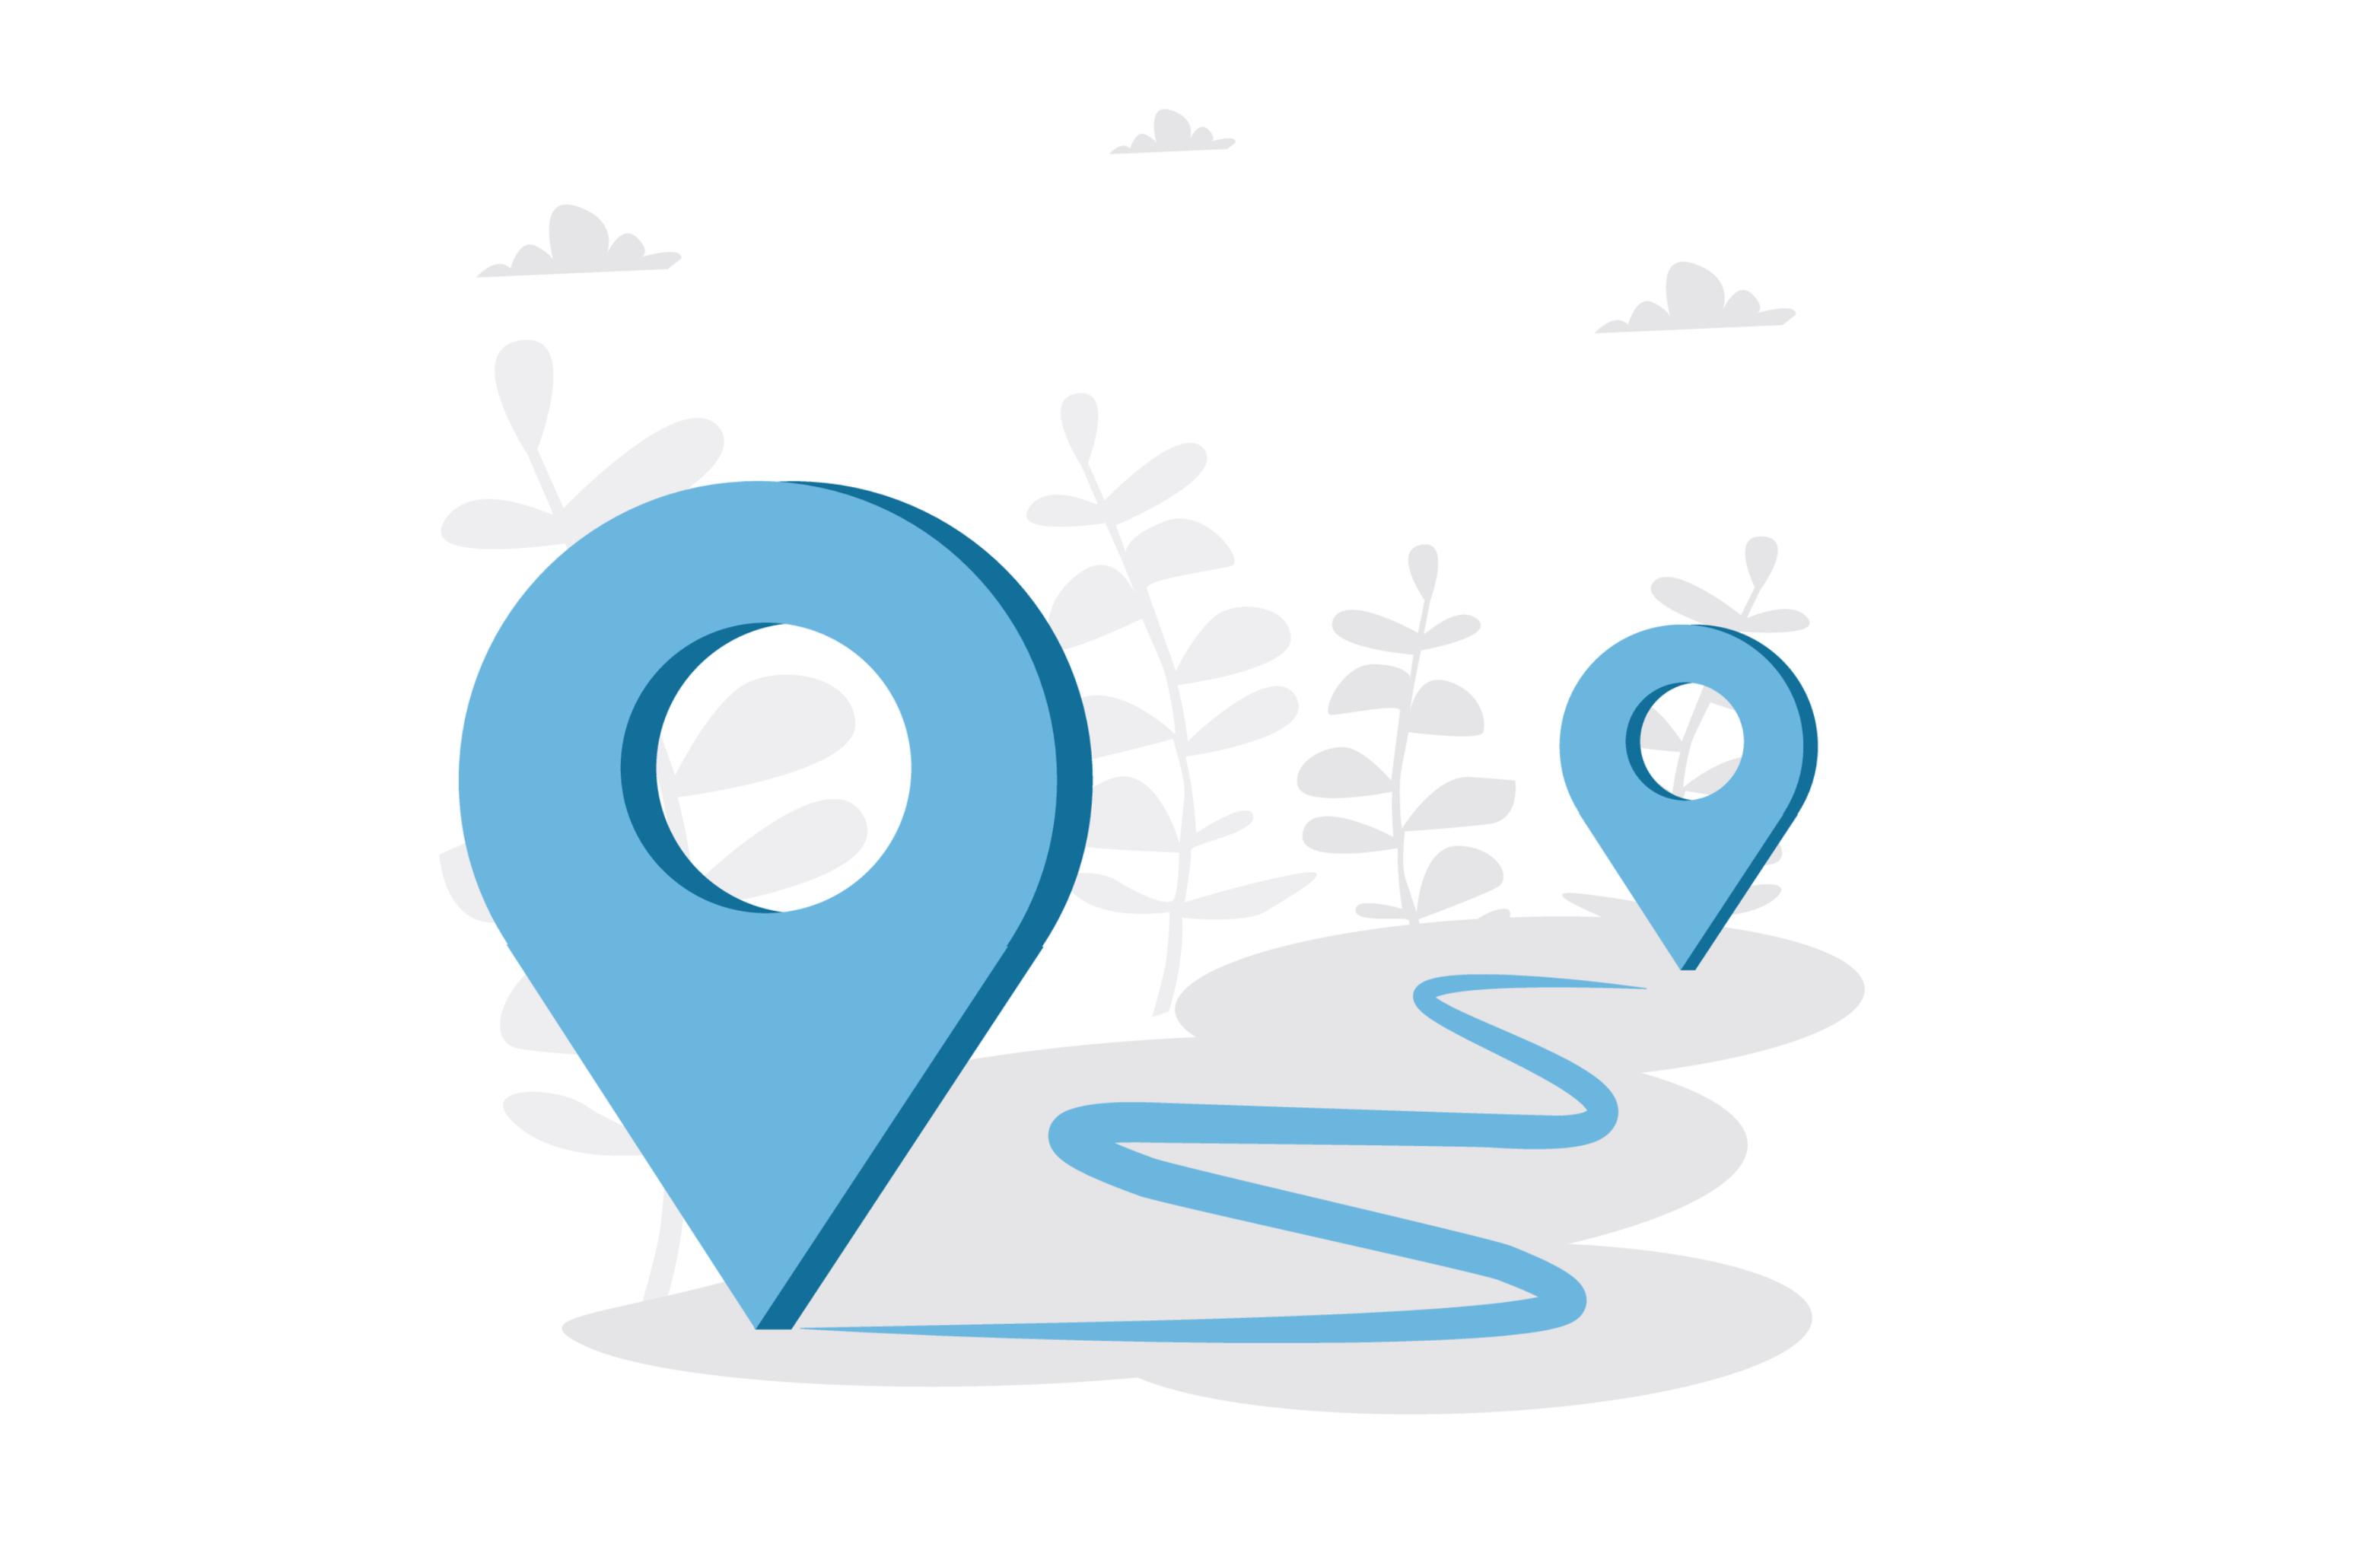 ロードマップのイメージ